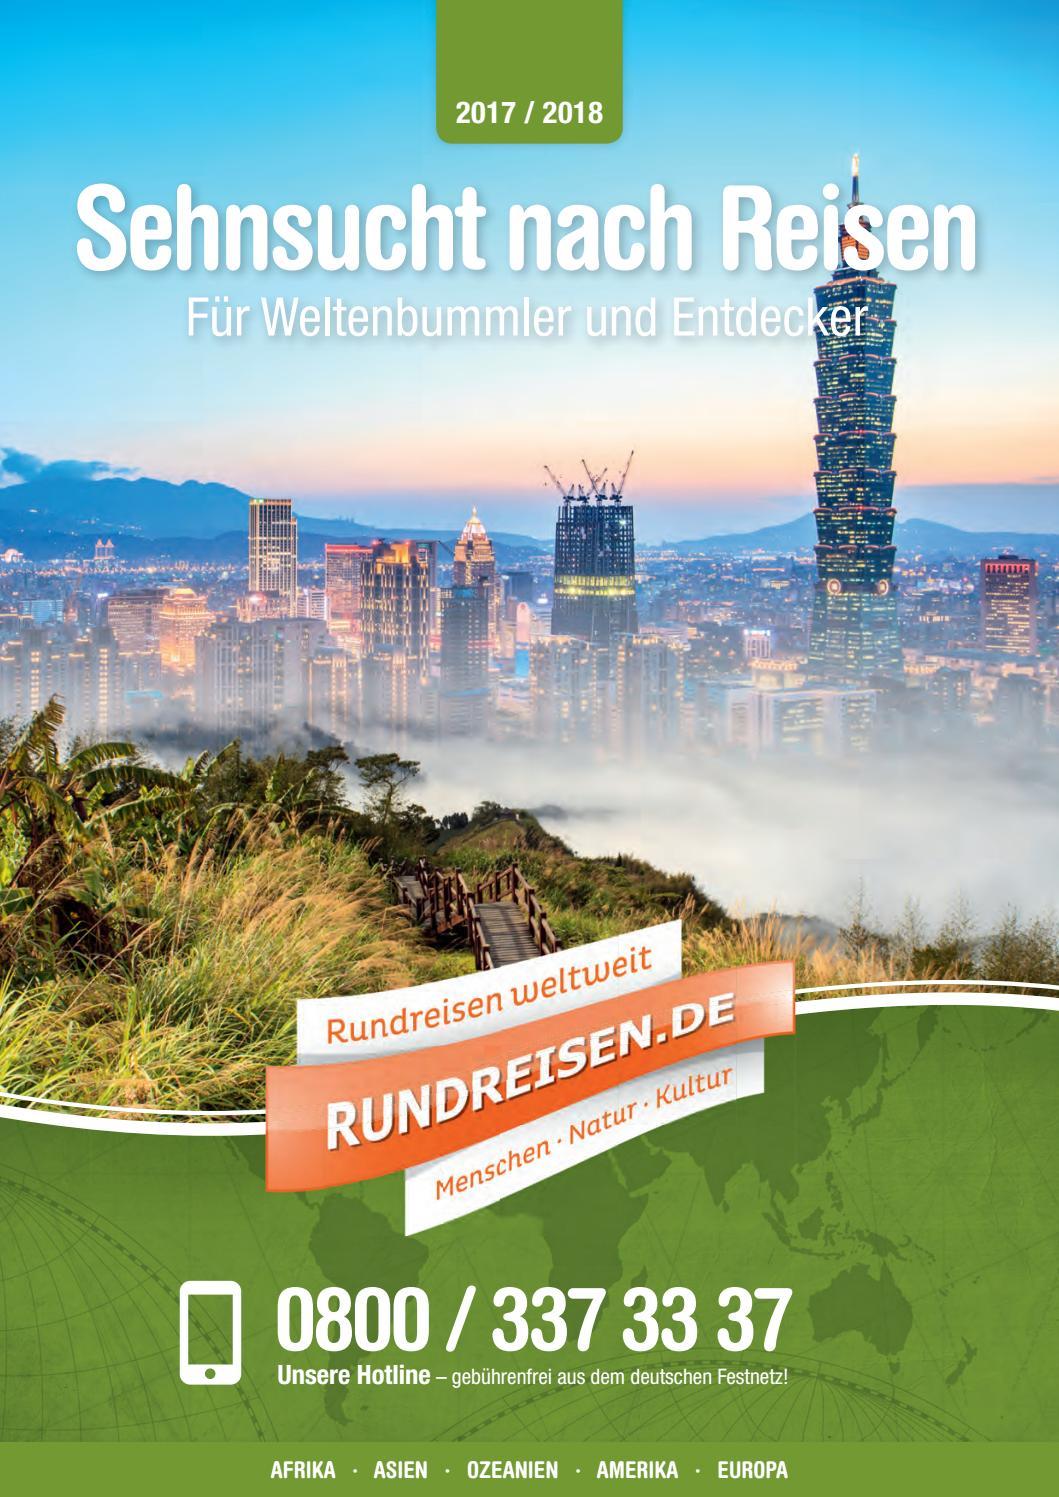 Sehnsucht nach Reisen 2017 18 by Rundreisen.de - issuu